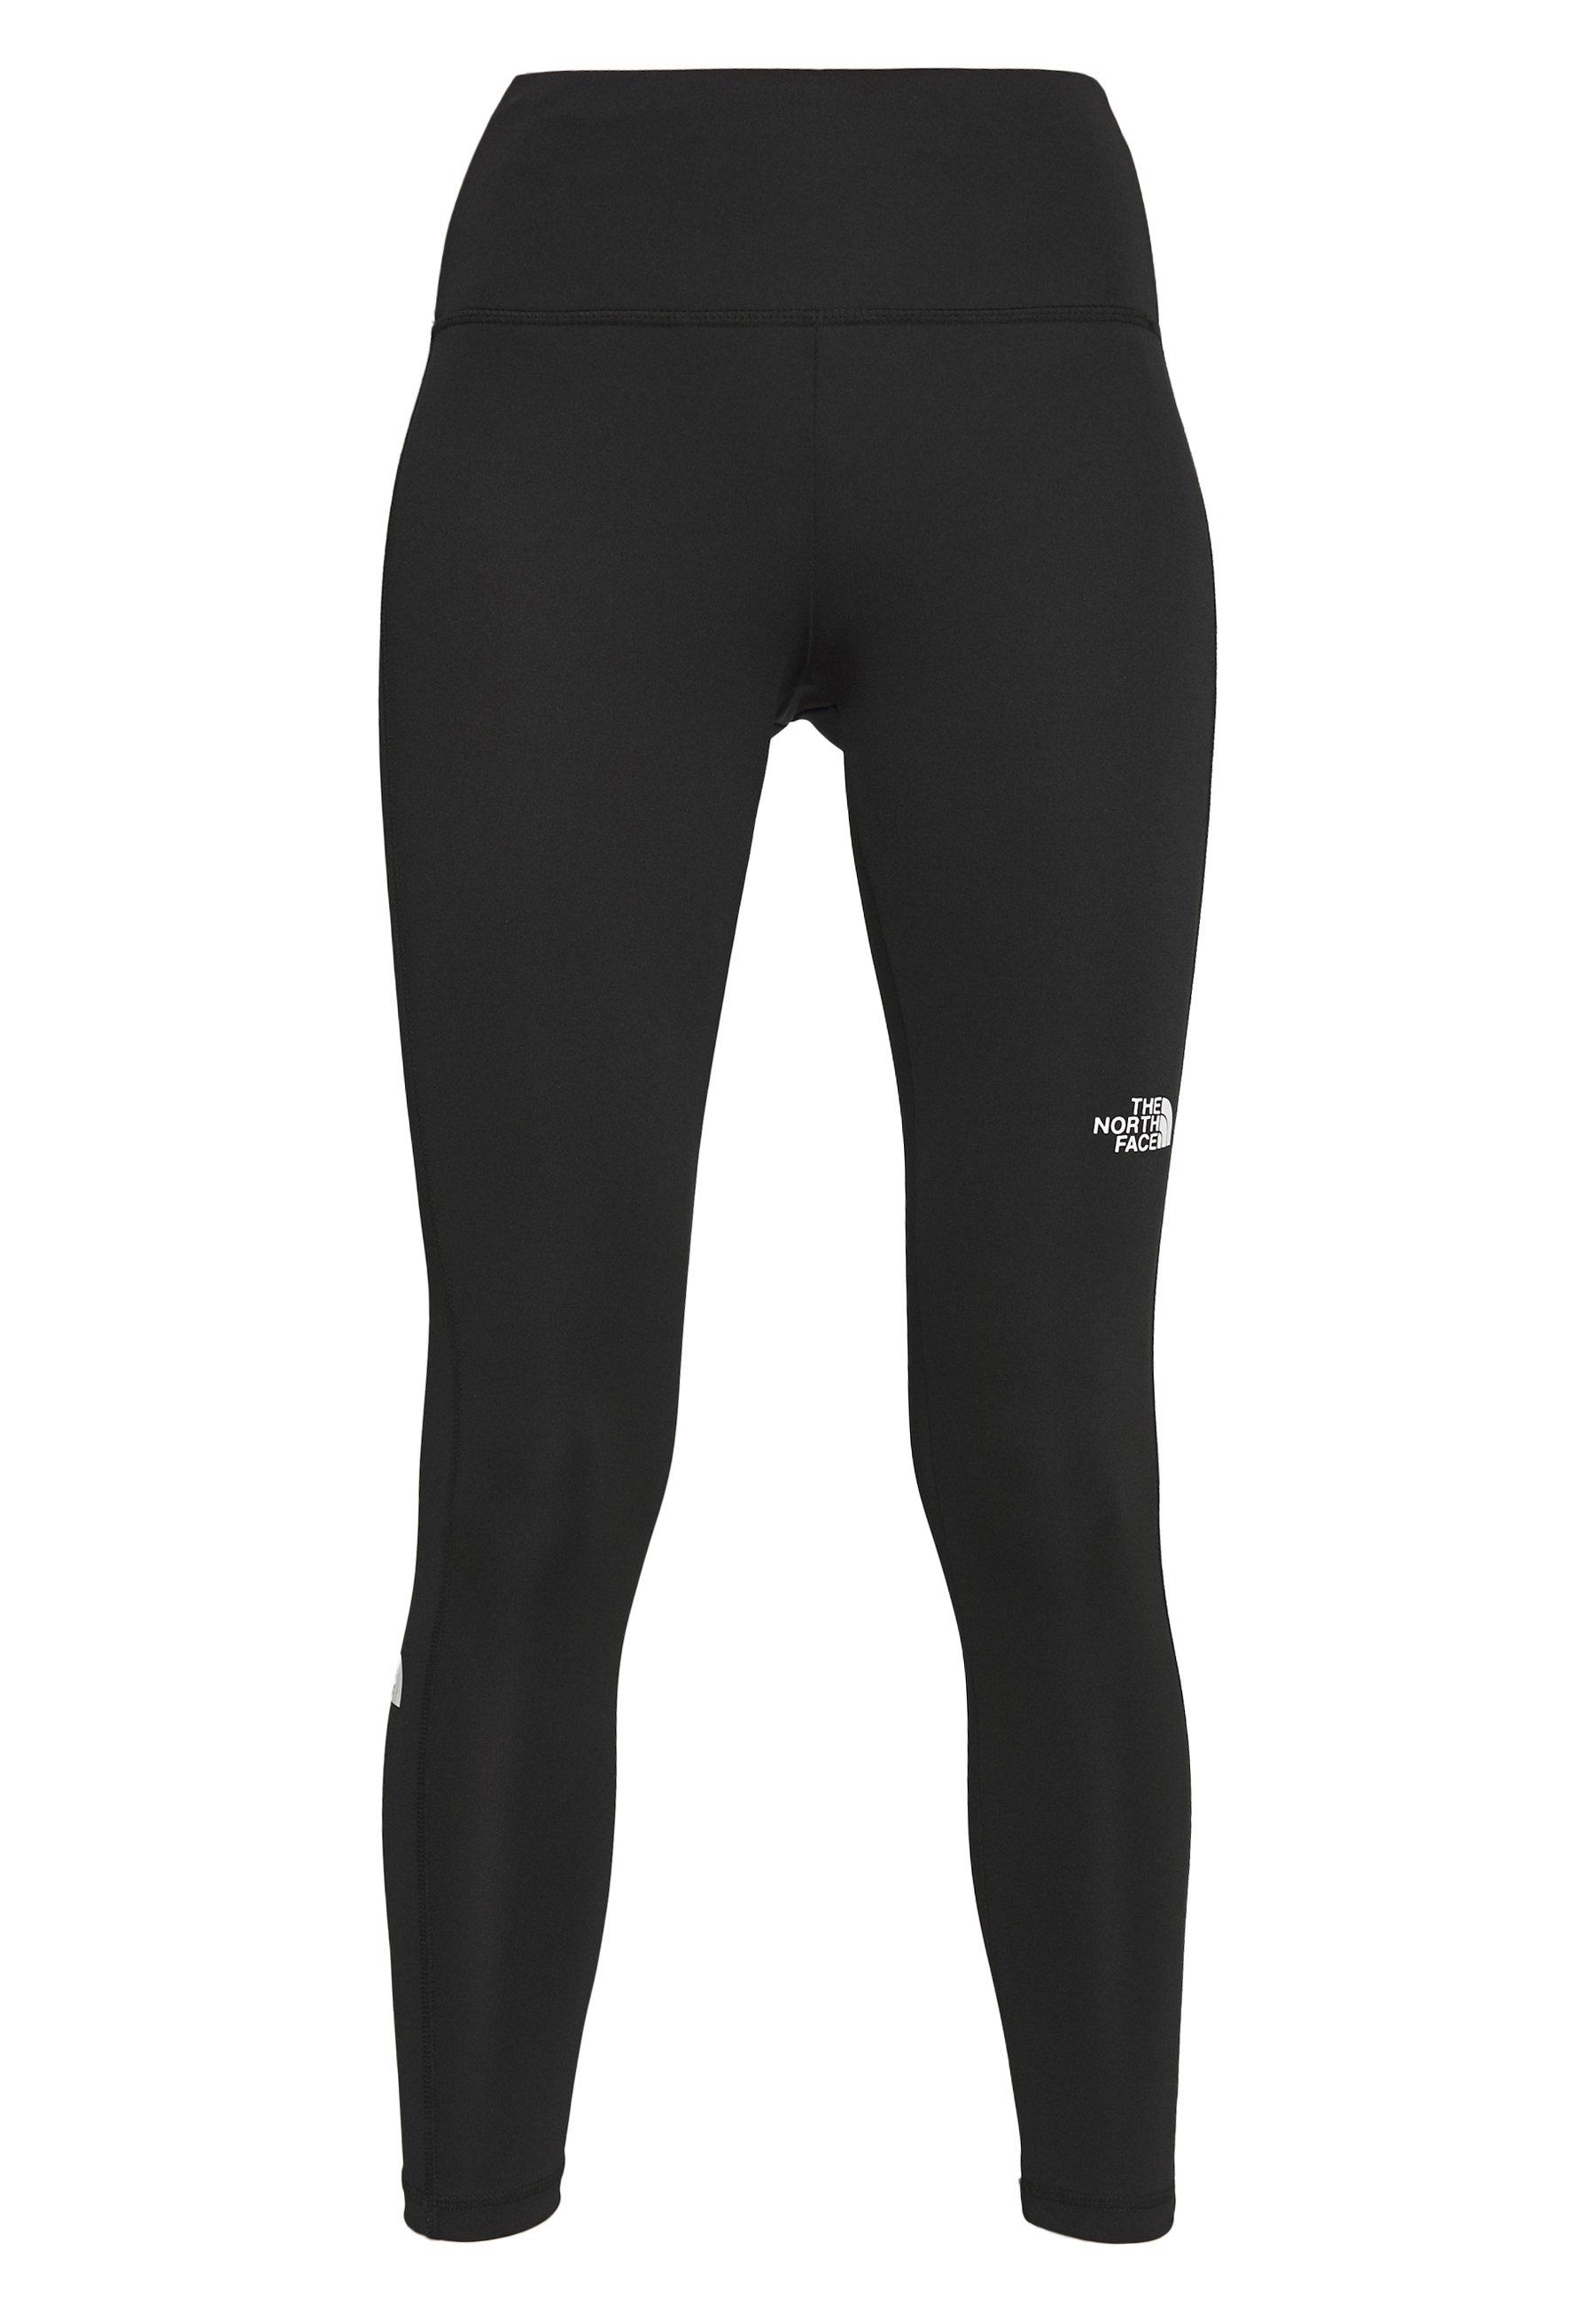 BLACK by HYKE leggings  Adidas  Leggings - Dameklær er billig